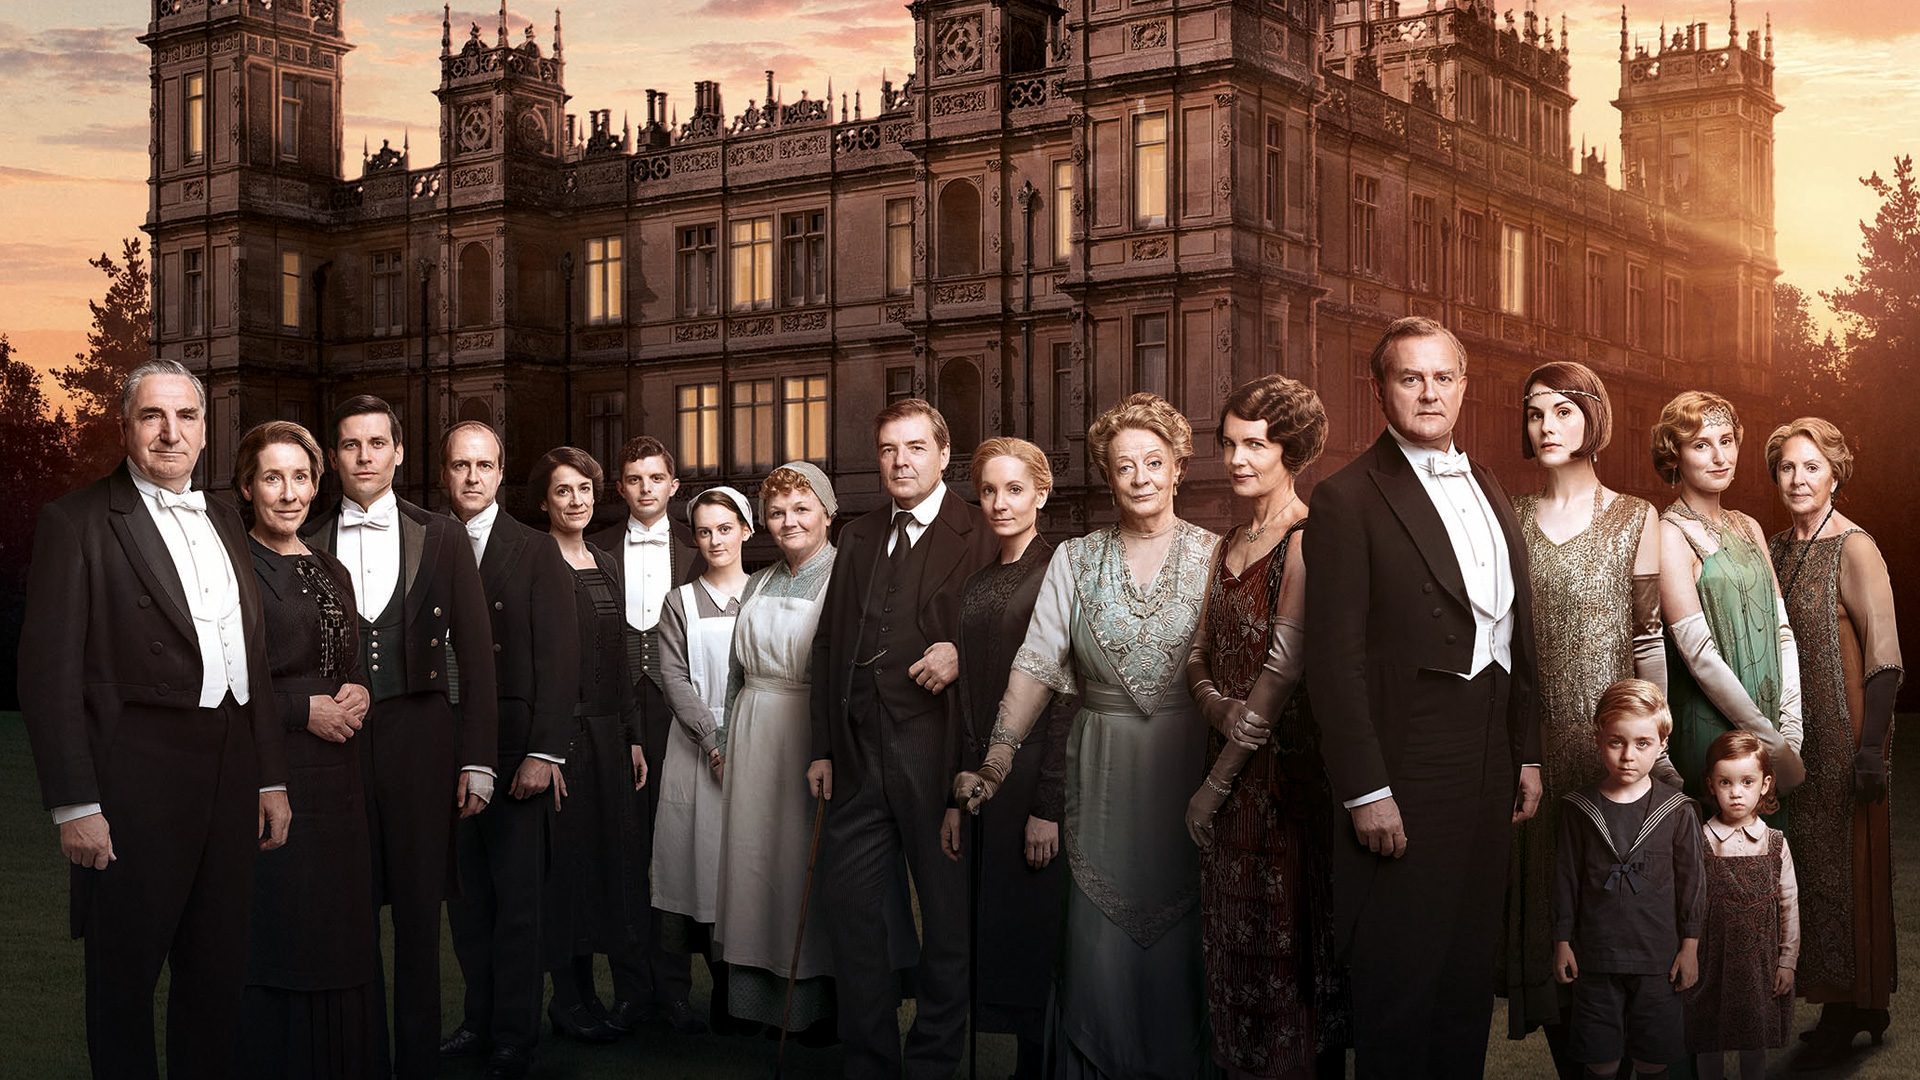 Le Film Downton Abbey A Une Date De Sortie Au Cinéma Premierefr